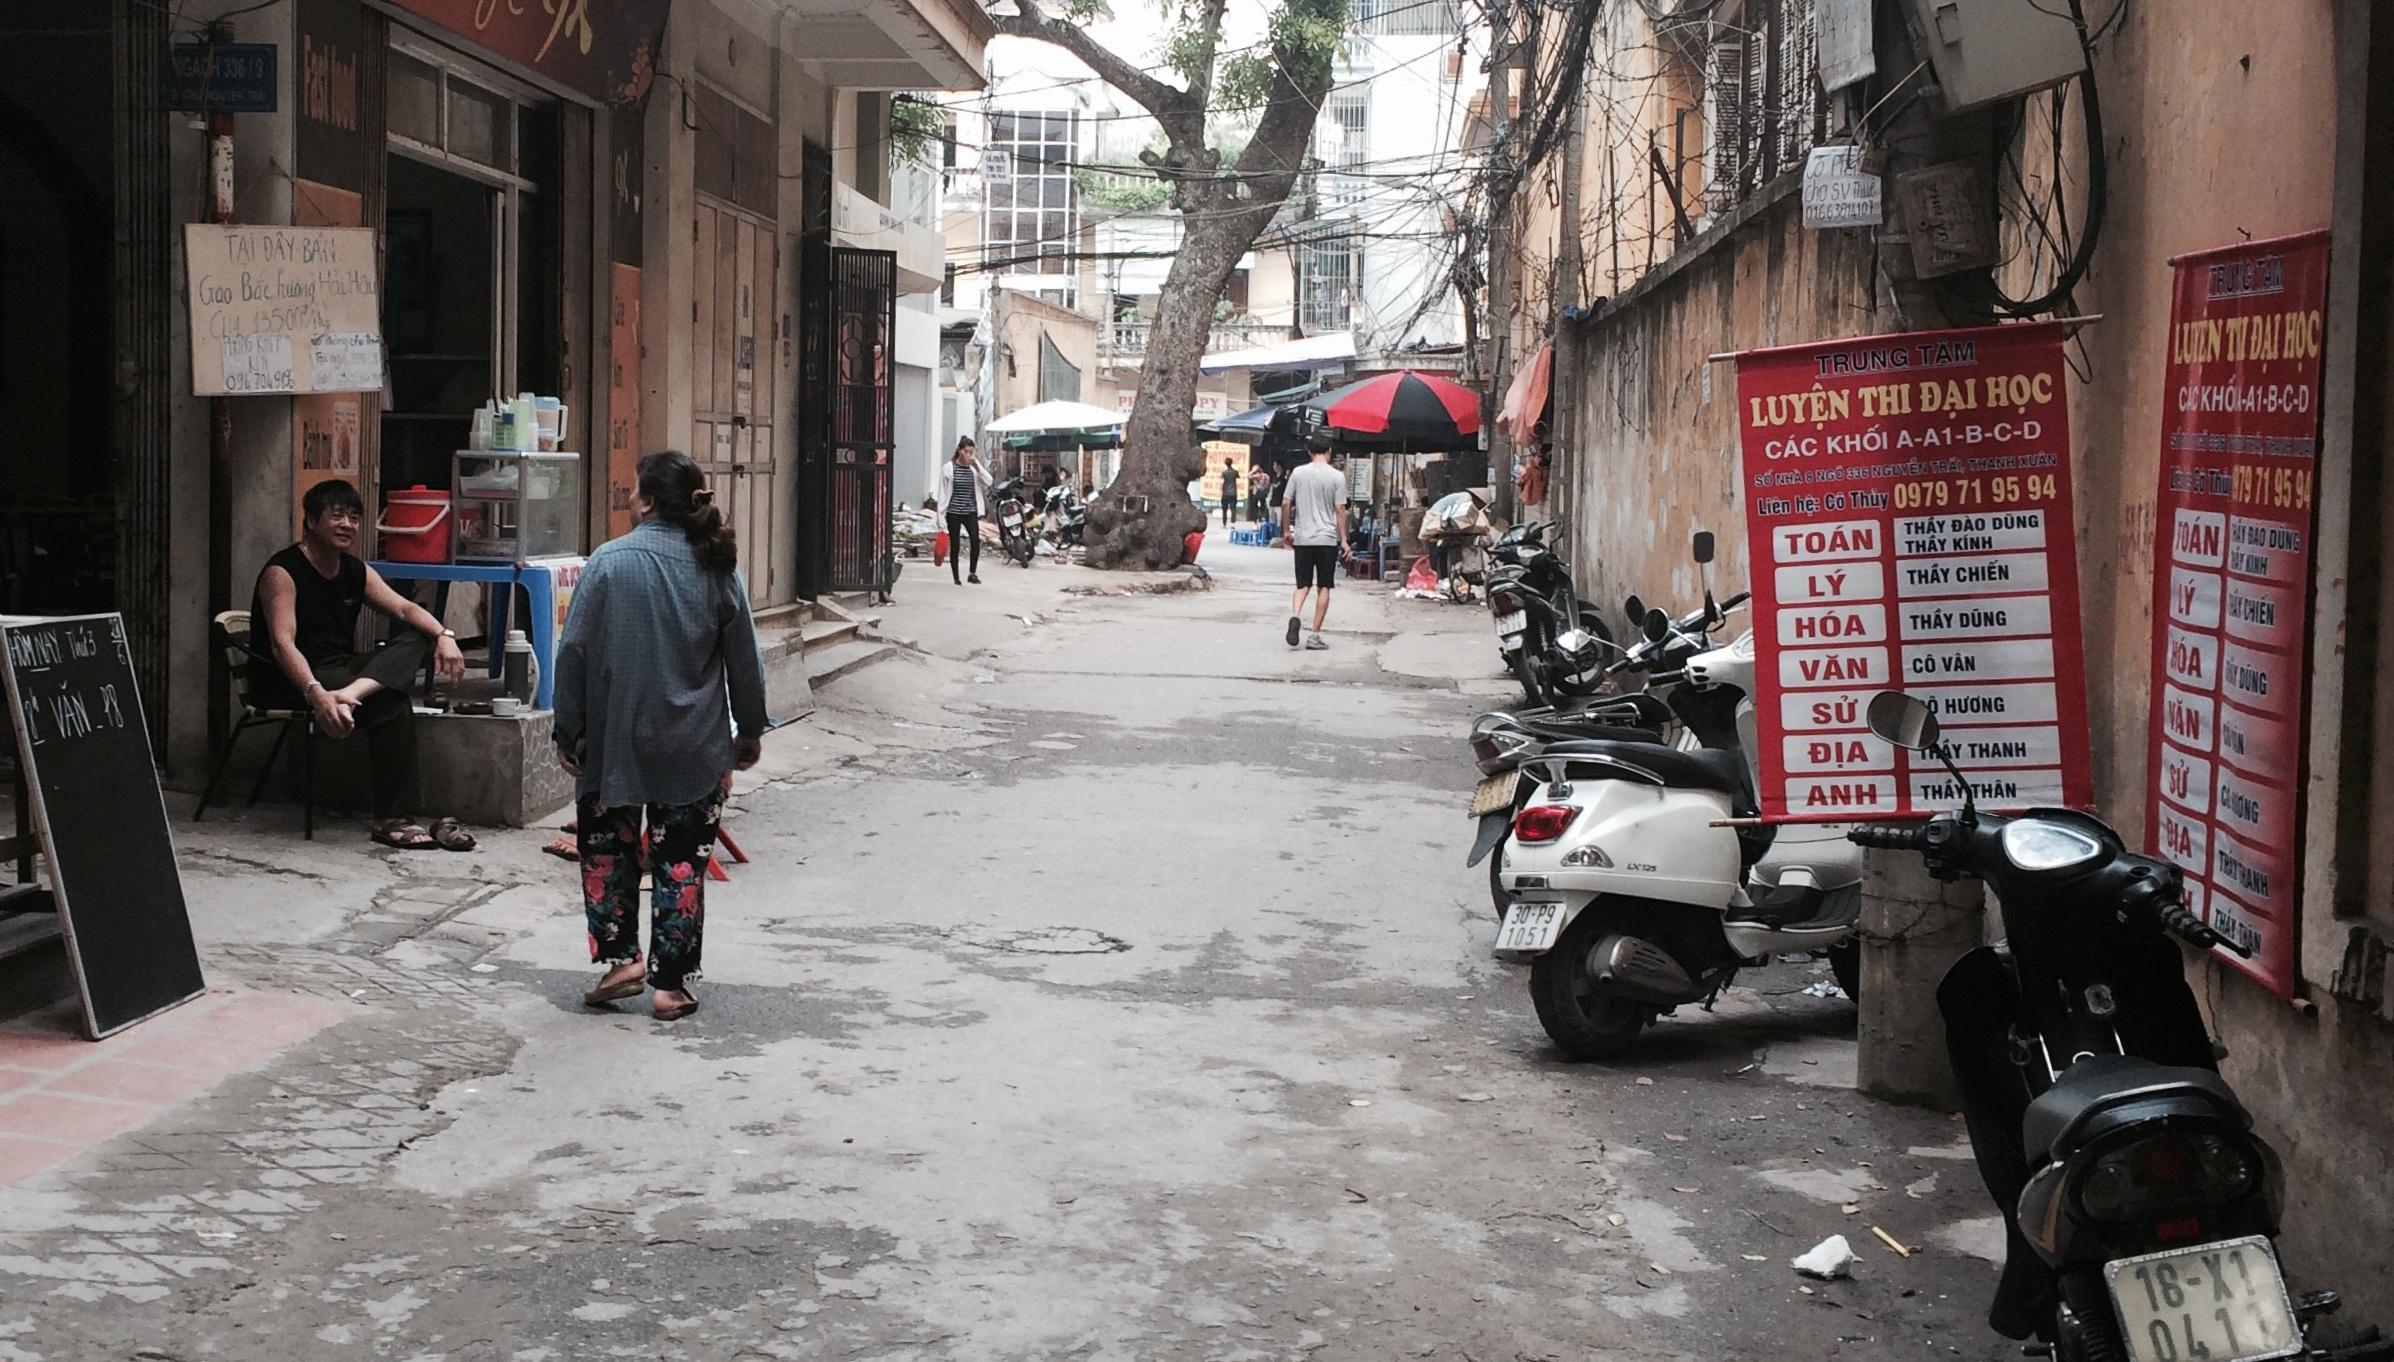 Tại ngõ 336 Nguyễn Trãi, hiện chỉ còn một lò luyện còn hoạt động